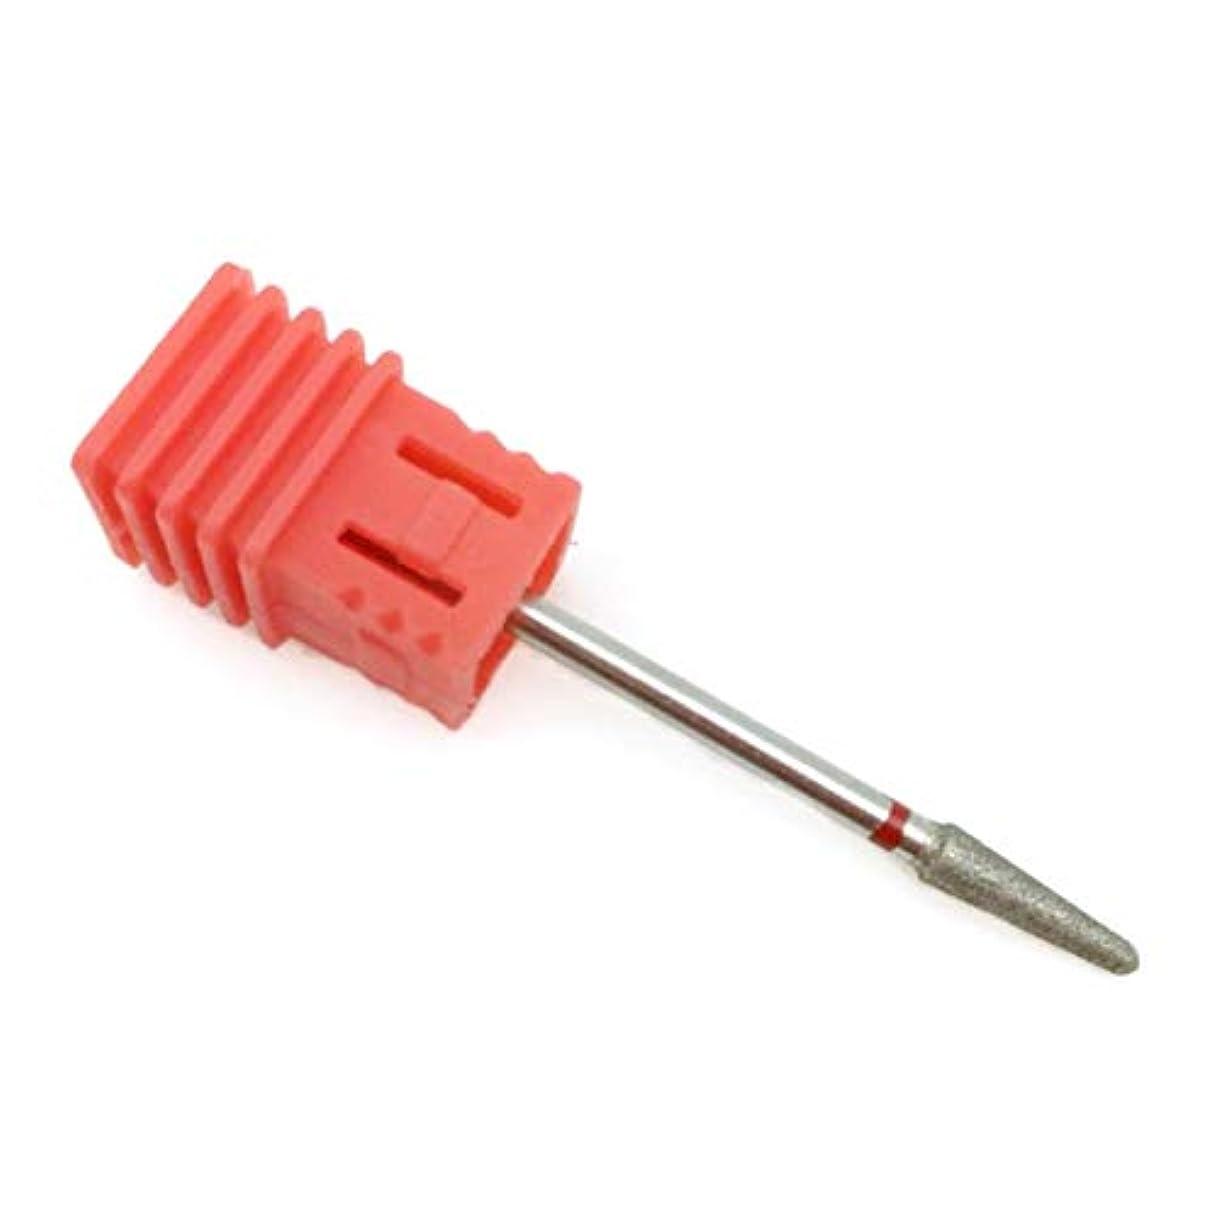 キャンペーン旋回麻痺OU-Kunmlef 新しいデザイン5タイプ赤ダイヤモンドネイルファイルビットバーミリングカッターマニキュア電気ネイルドリル爪アクセサリー(None D4)